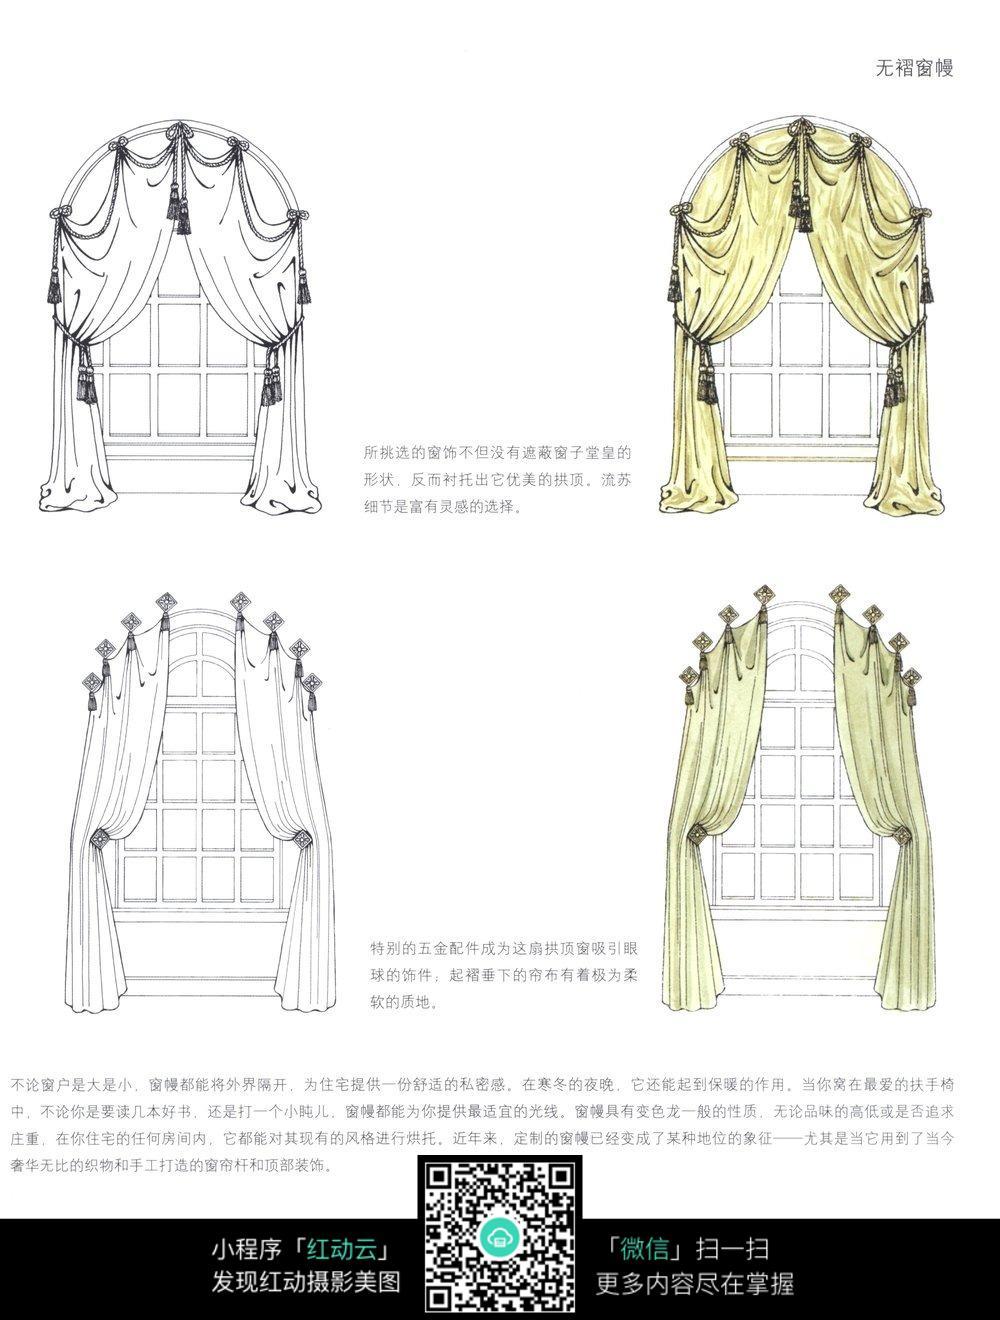 免费素材 图片素材 生活百科 家具电器 欧式宫廷窗帘设计图